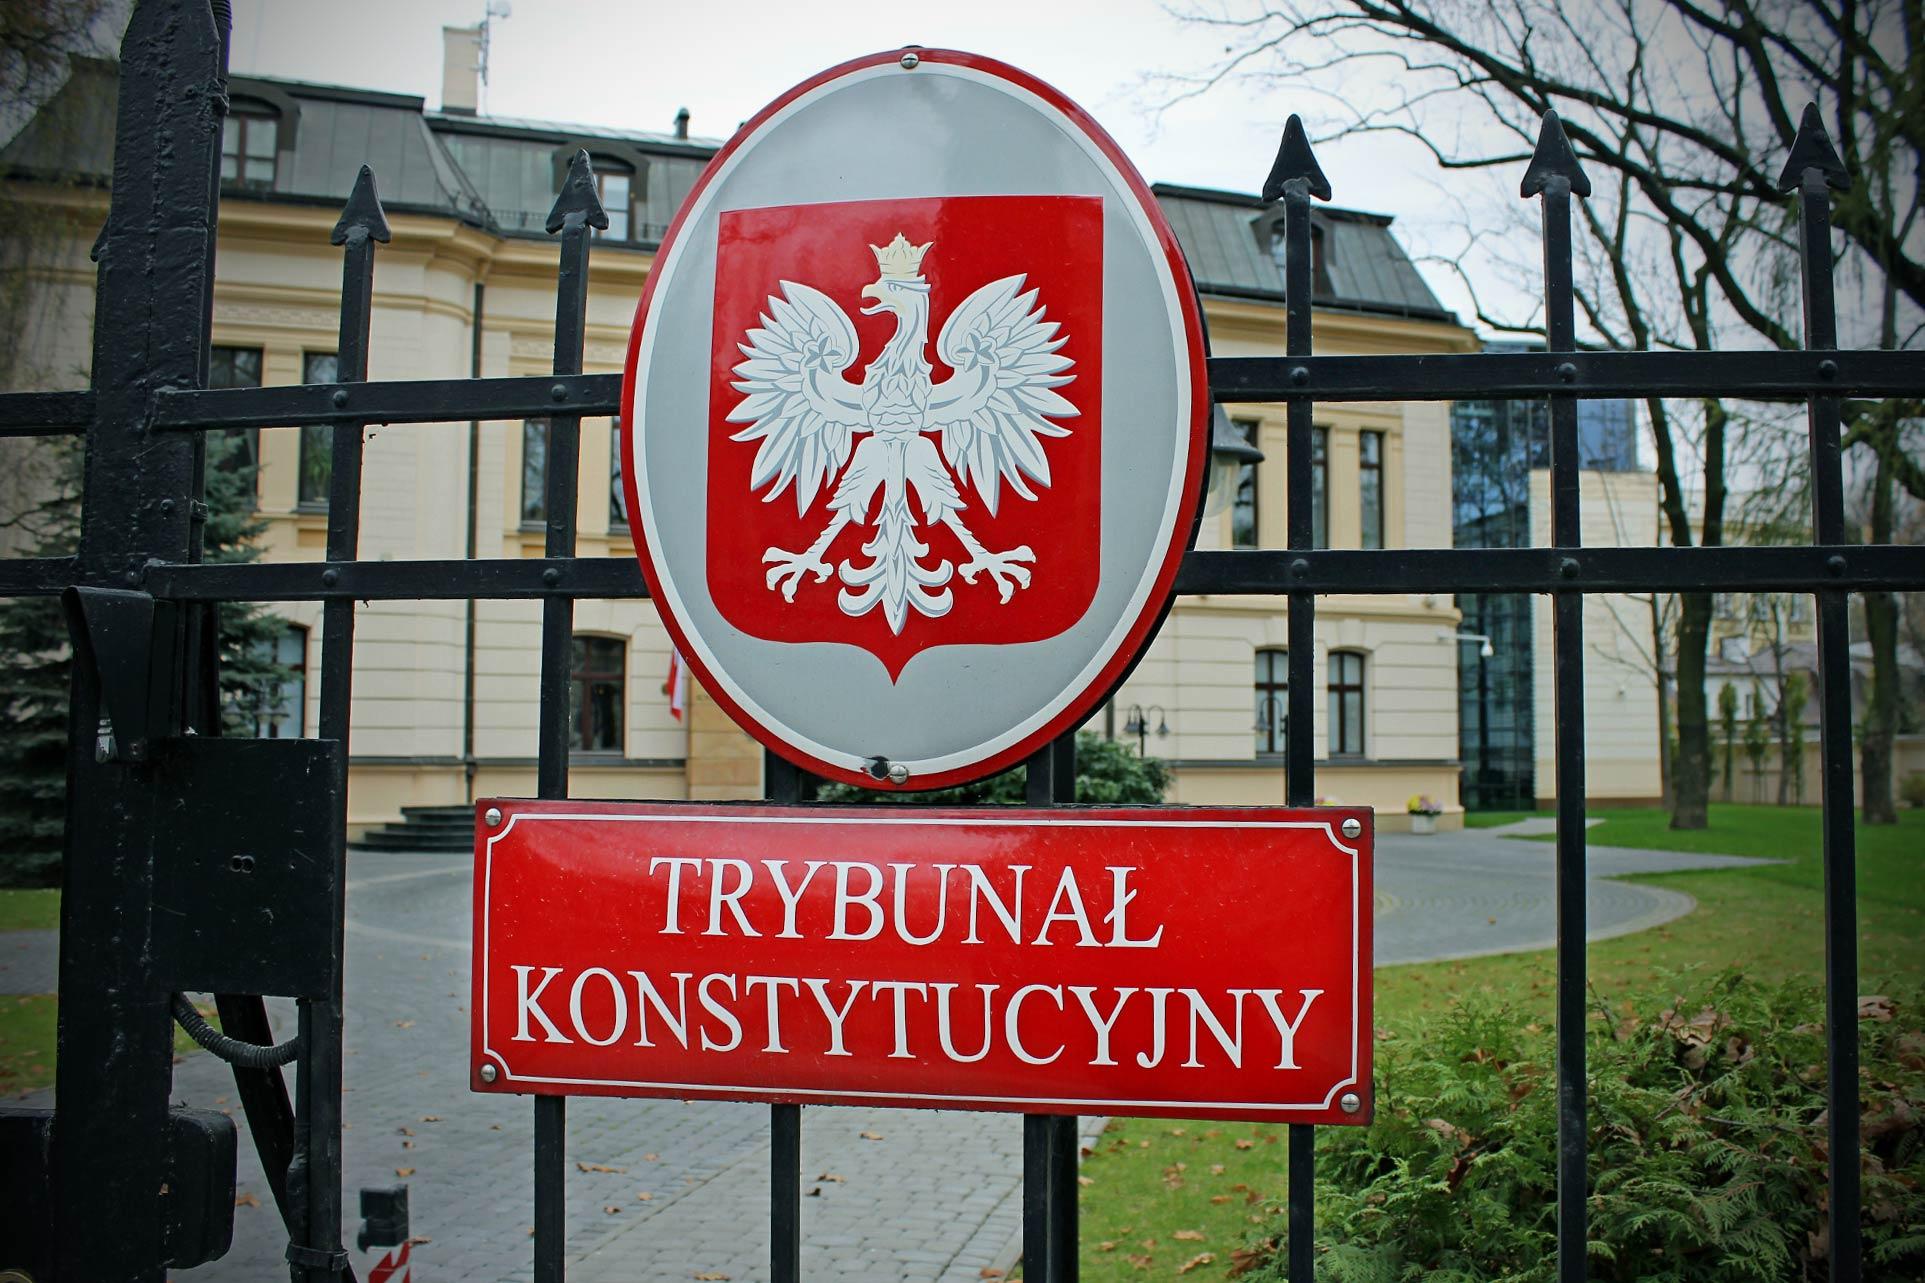 trybunal konstytucyjny - <b>У Польщі все-таки заборонили більшість абортів.</b> Розповідаємо, що сталося й чи чекати нових протестів - Заборона